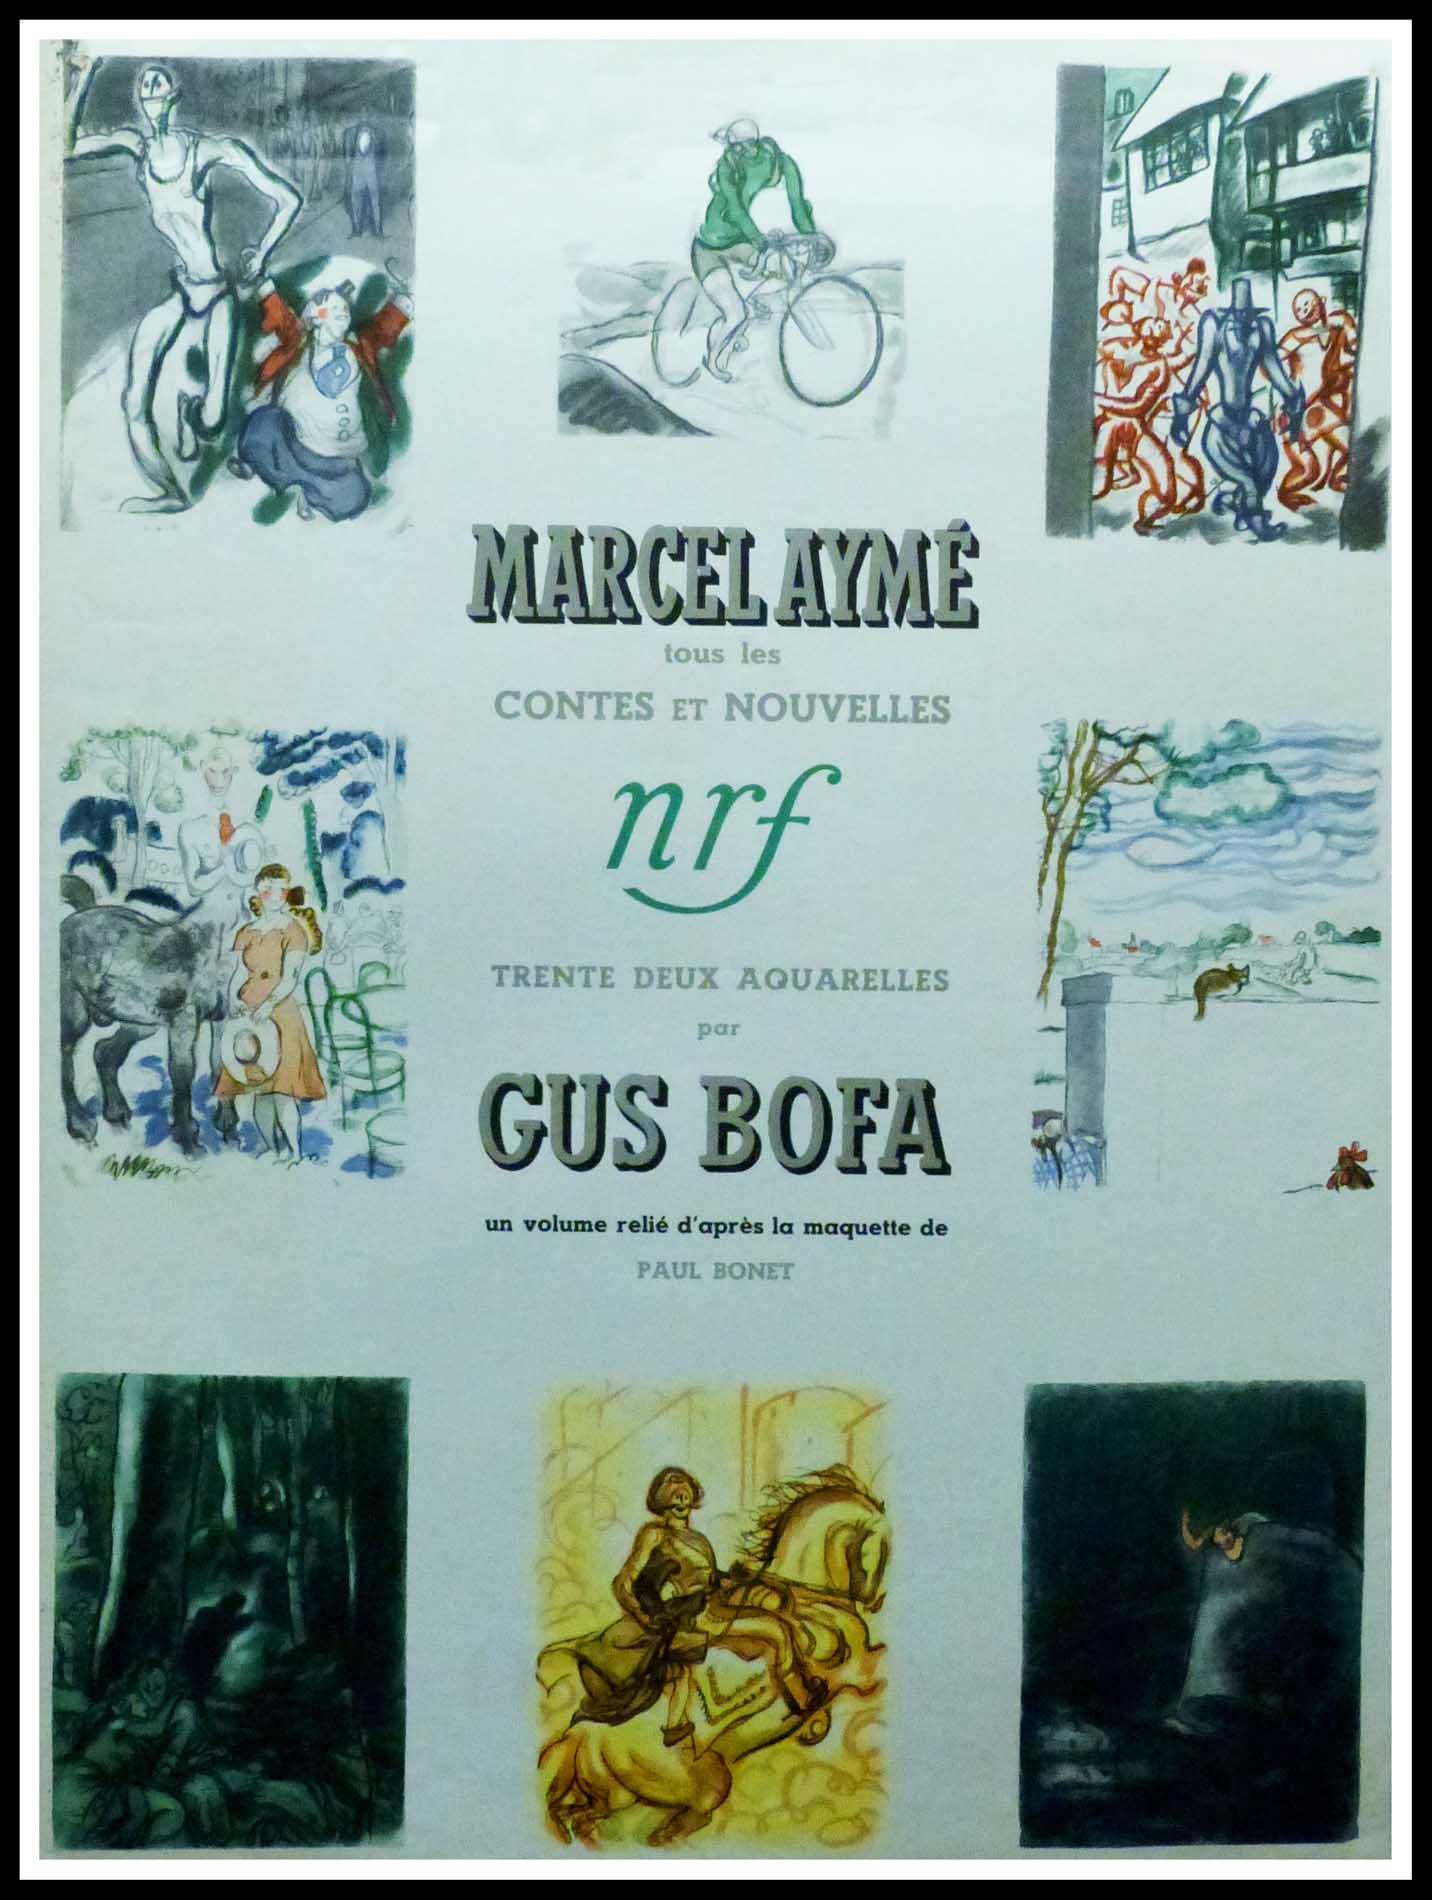 """(alt=""""Affiche originale Marcel Aymé - Contes et Nouvelles, 1953 réalisée et imprimée par NRF (La Nouvelle Revue française) & Gallimard"""")"""